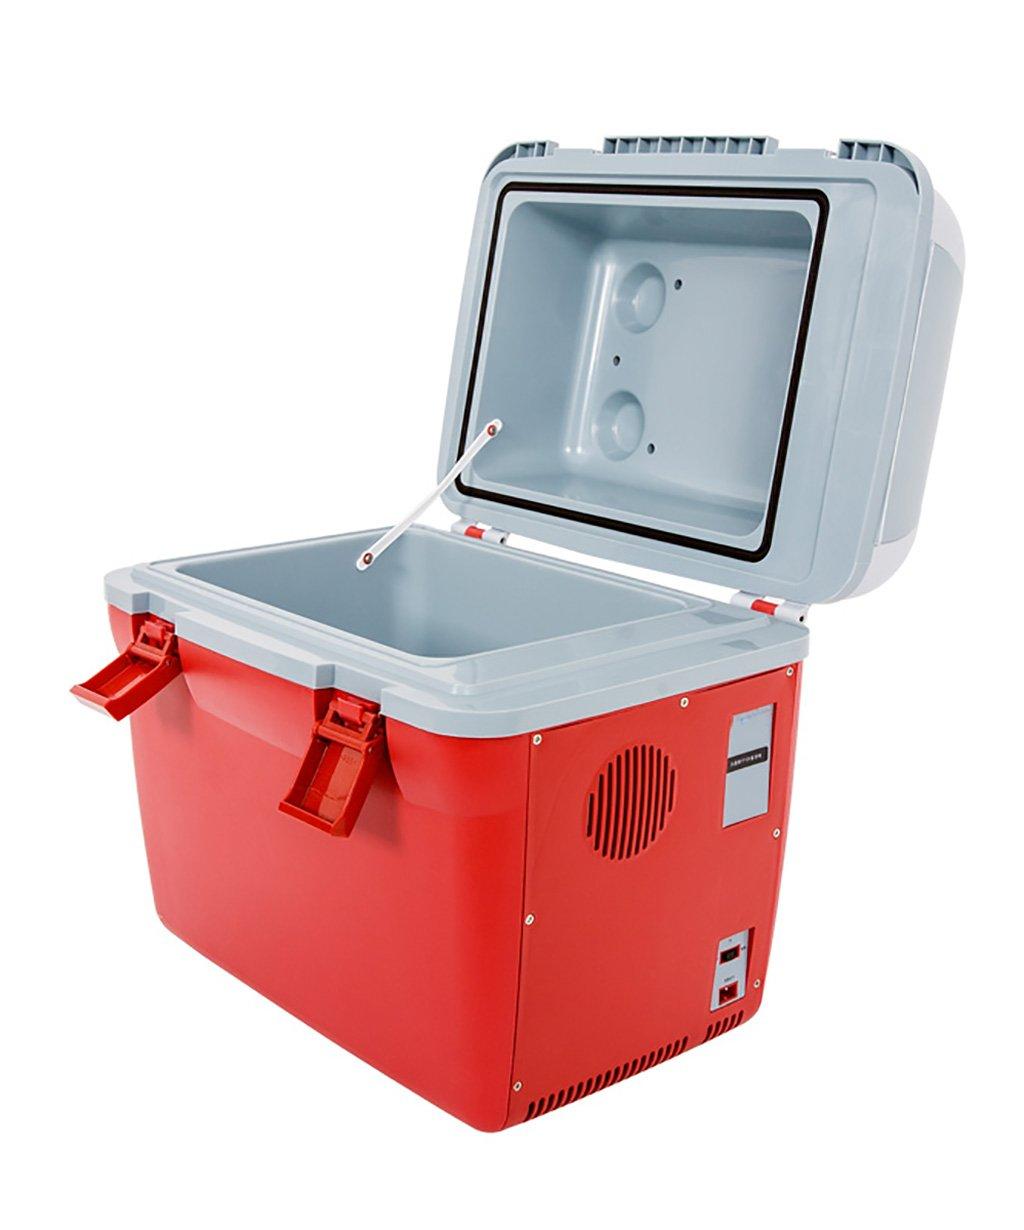 LIANJUN Camping 18L Kapazität Elektrische Kühlbox 12V DC Elektrisch Kühlbox Kühler Extrem Kühlbox Isotherm Haushalt / im Freien